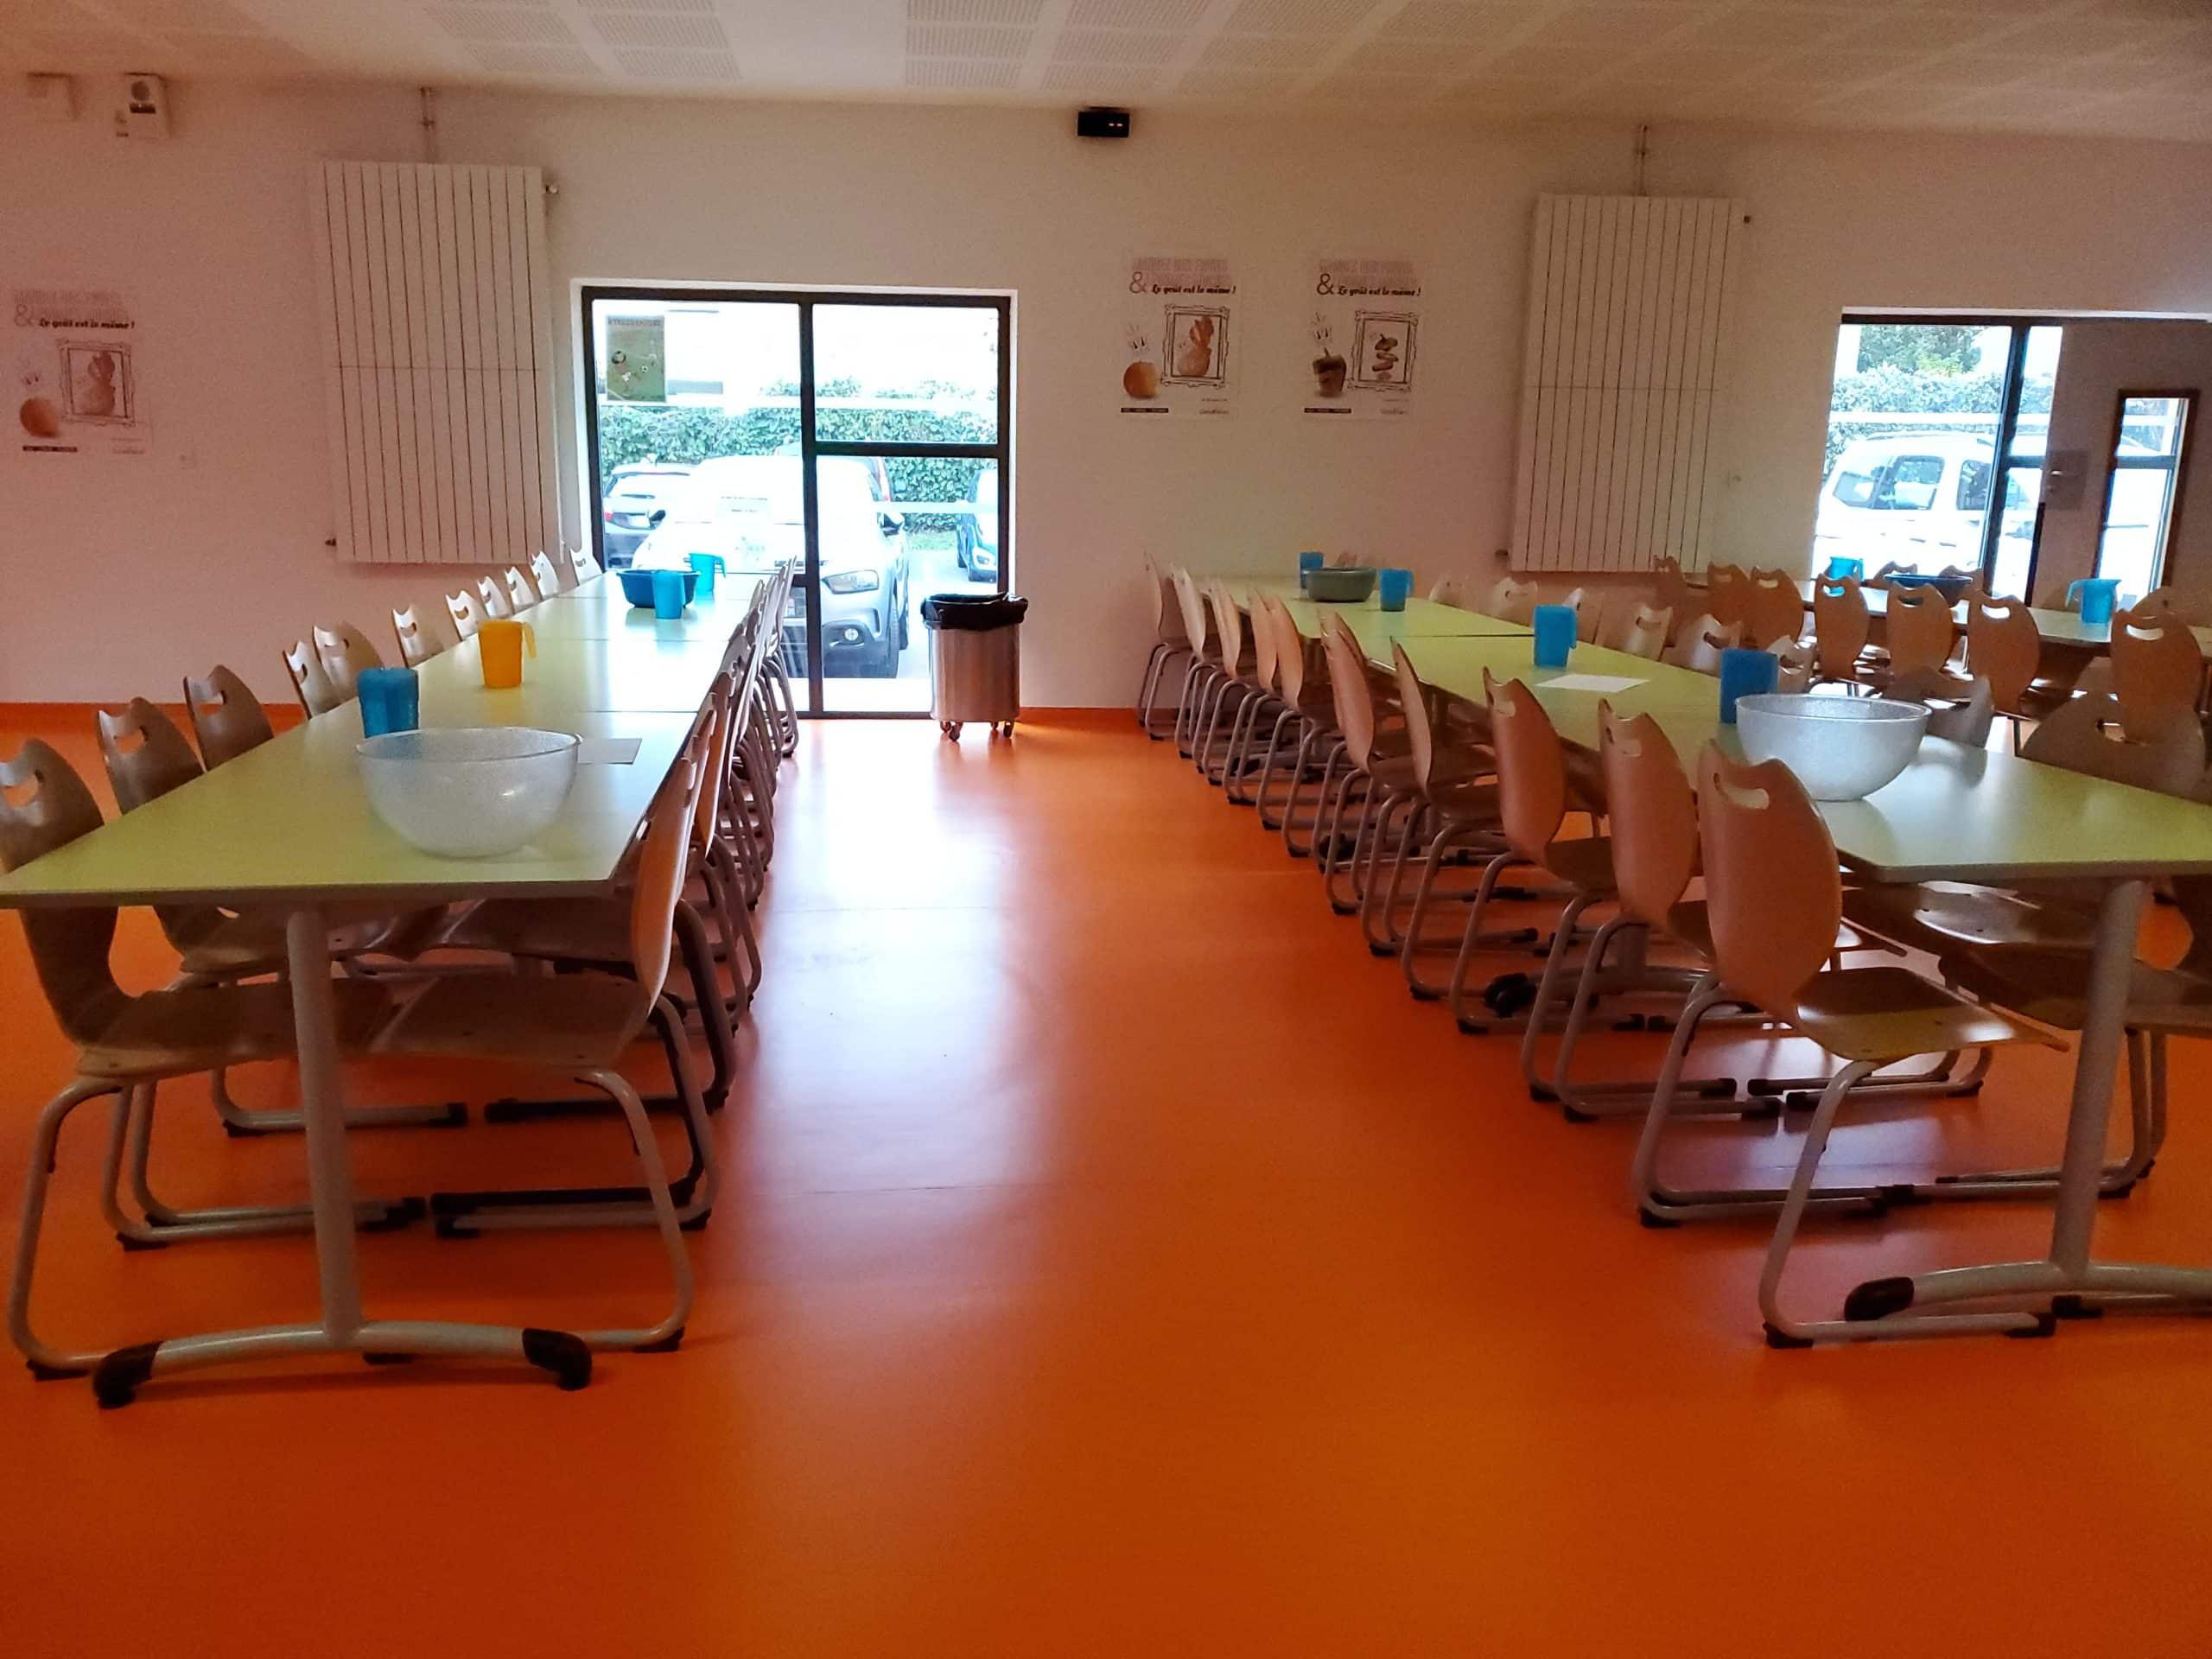 Fermeture temporaire du service de restauration scolaire